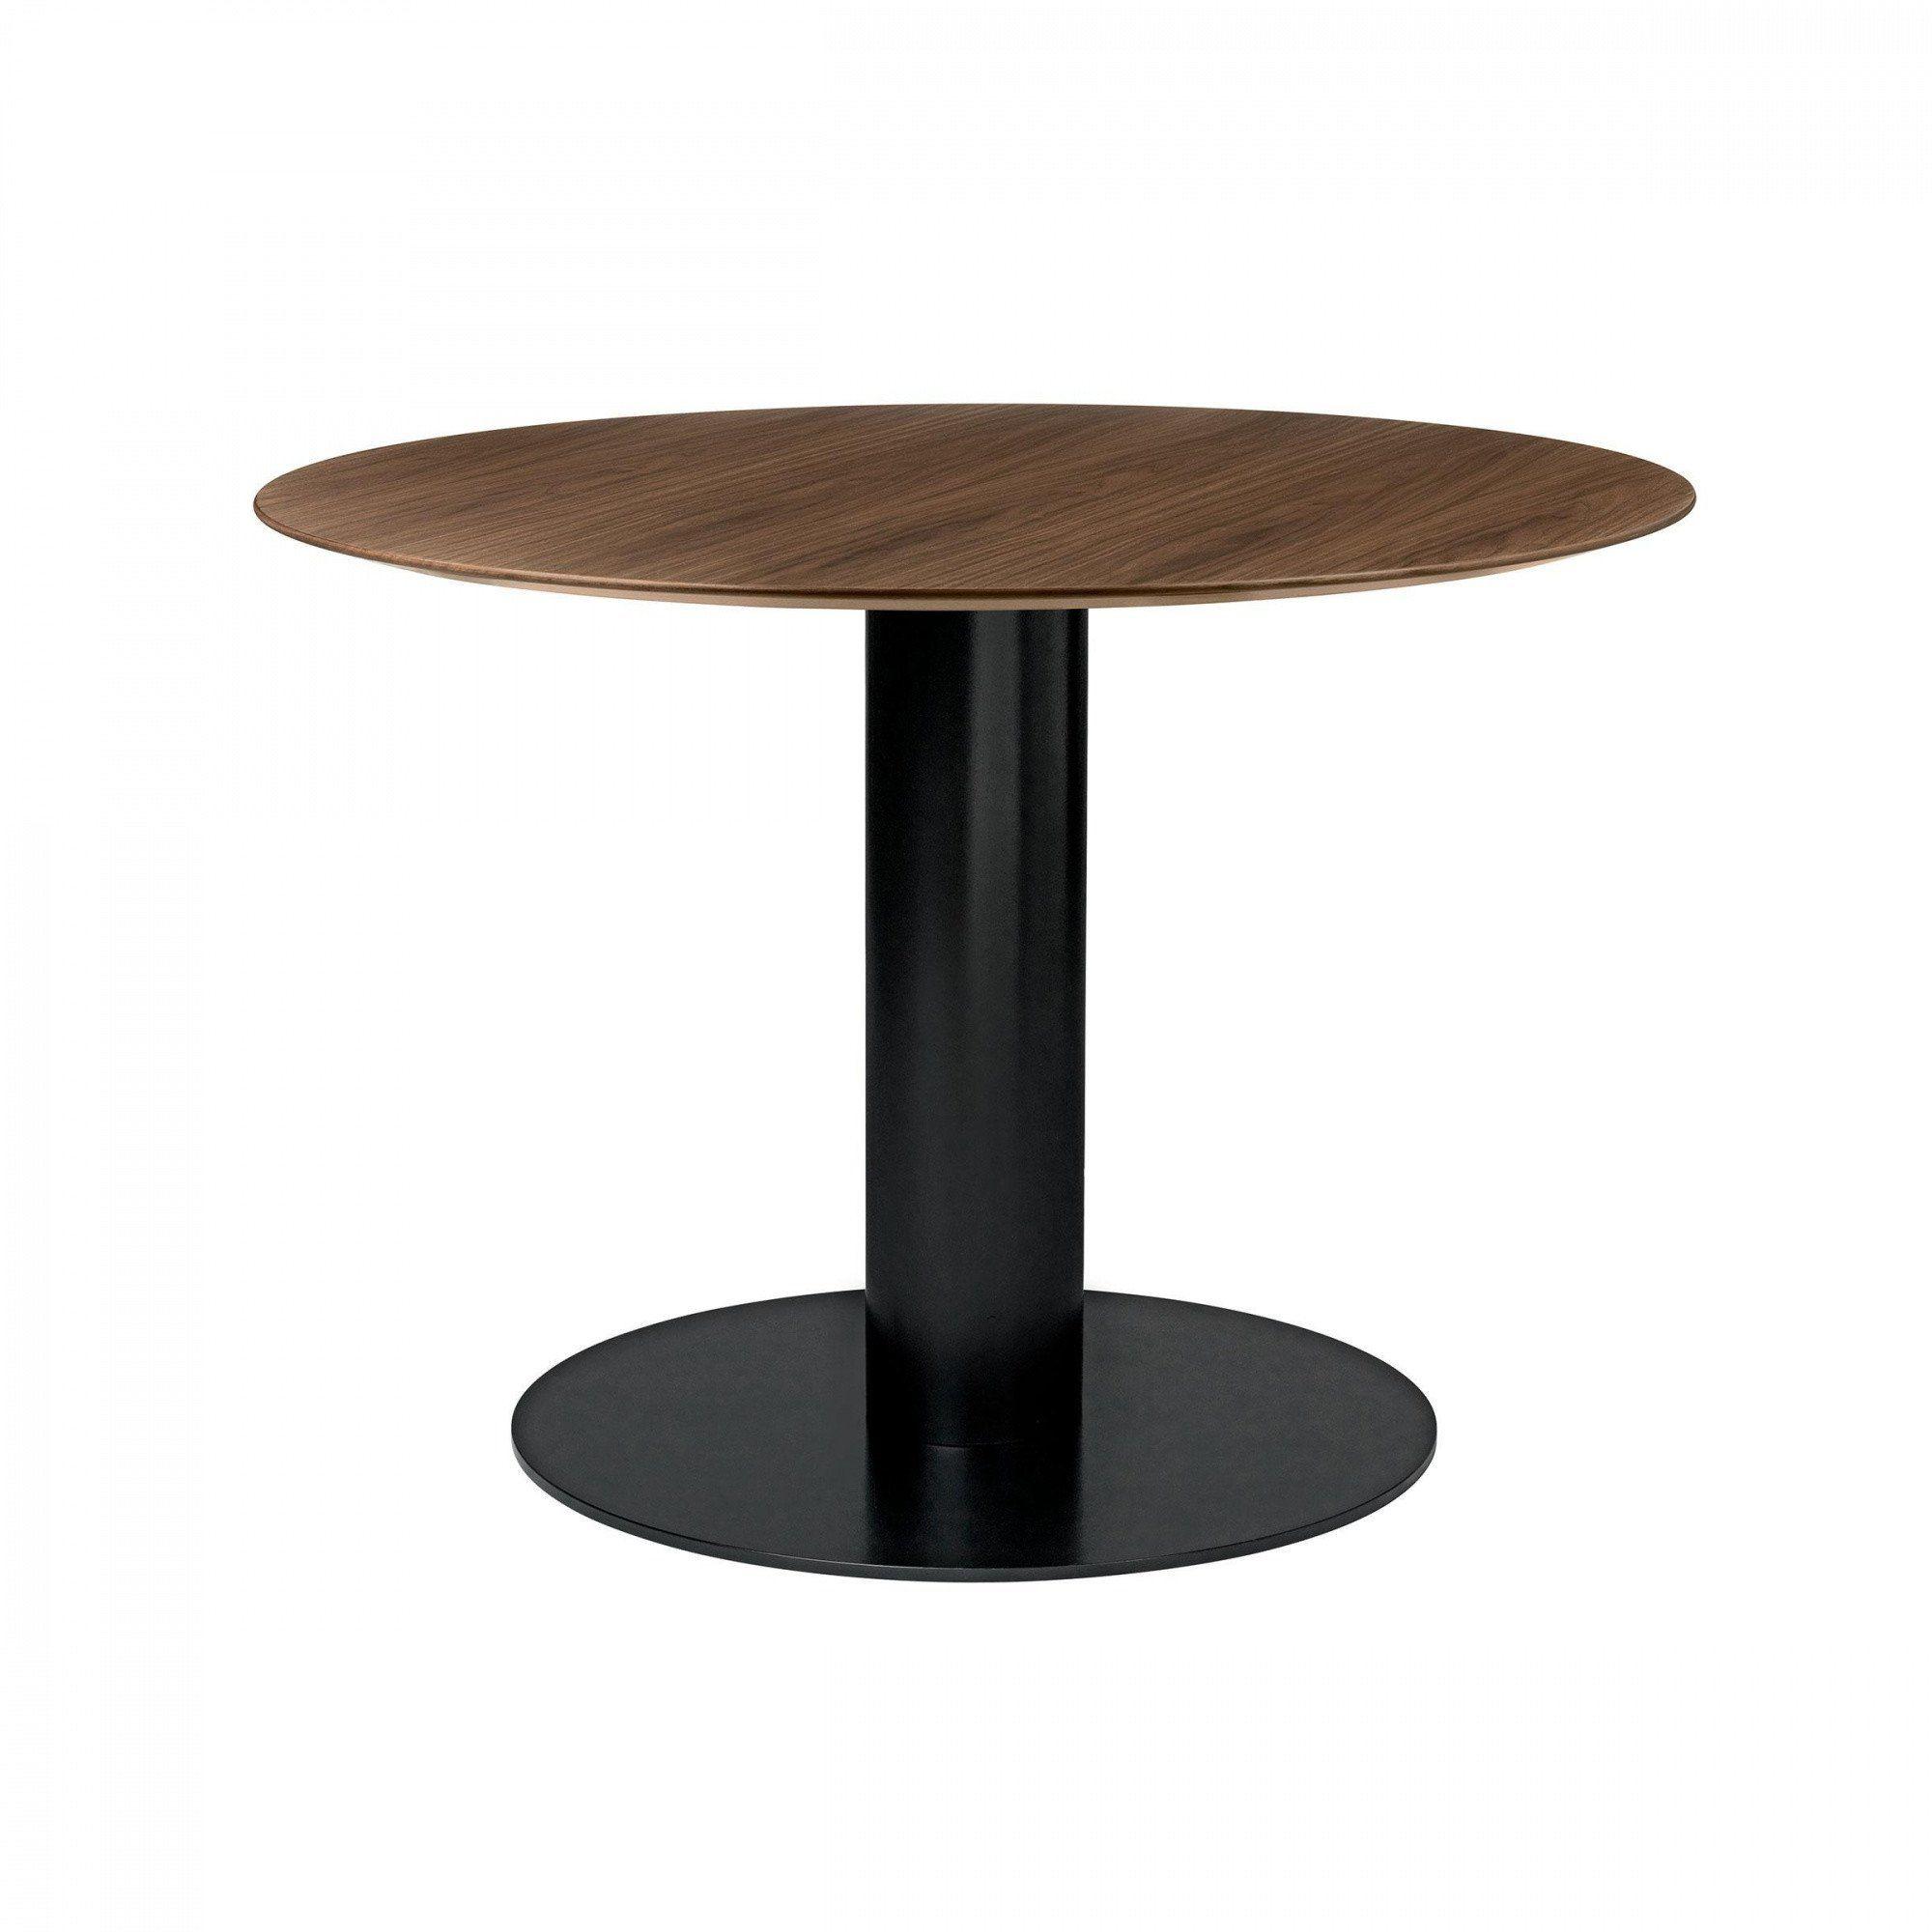 Gubi 2 0 Dining Table Black Base 216 110cm Ambientedirect